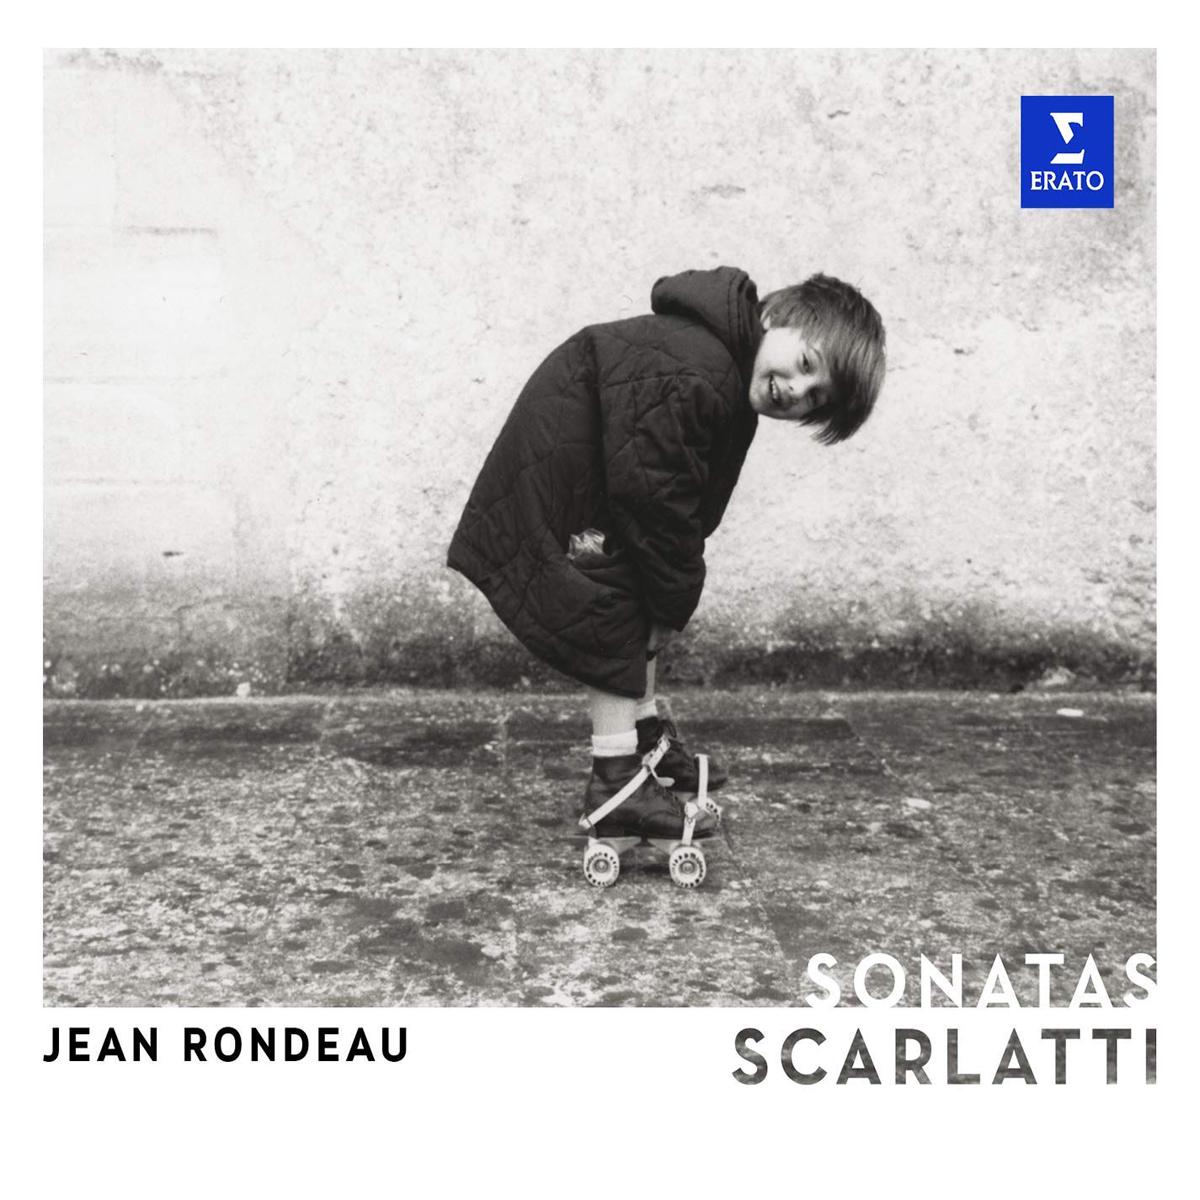 Jean Rondeau Jean Rondeau. Sonatas (LP) scarlatti scarlattijean rondeau sonatas